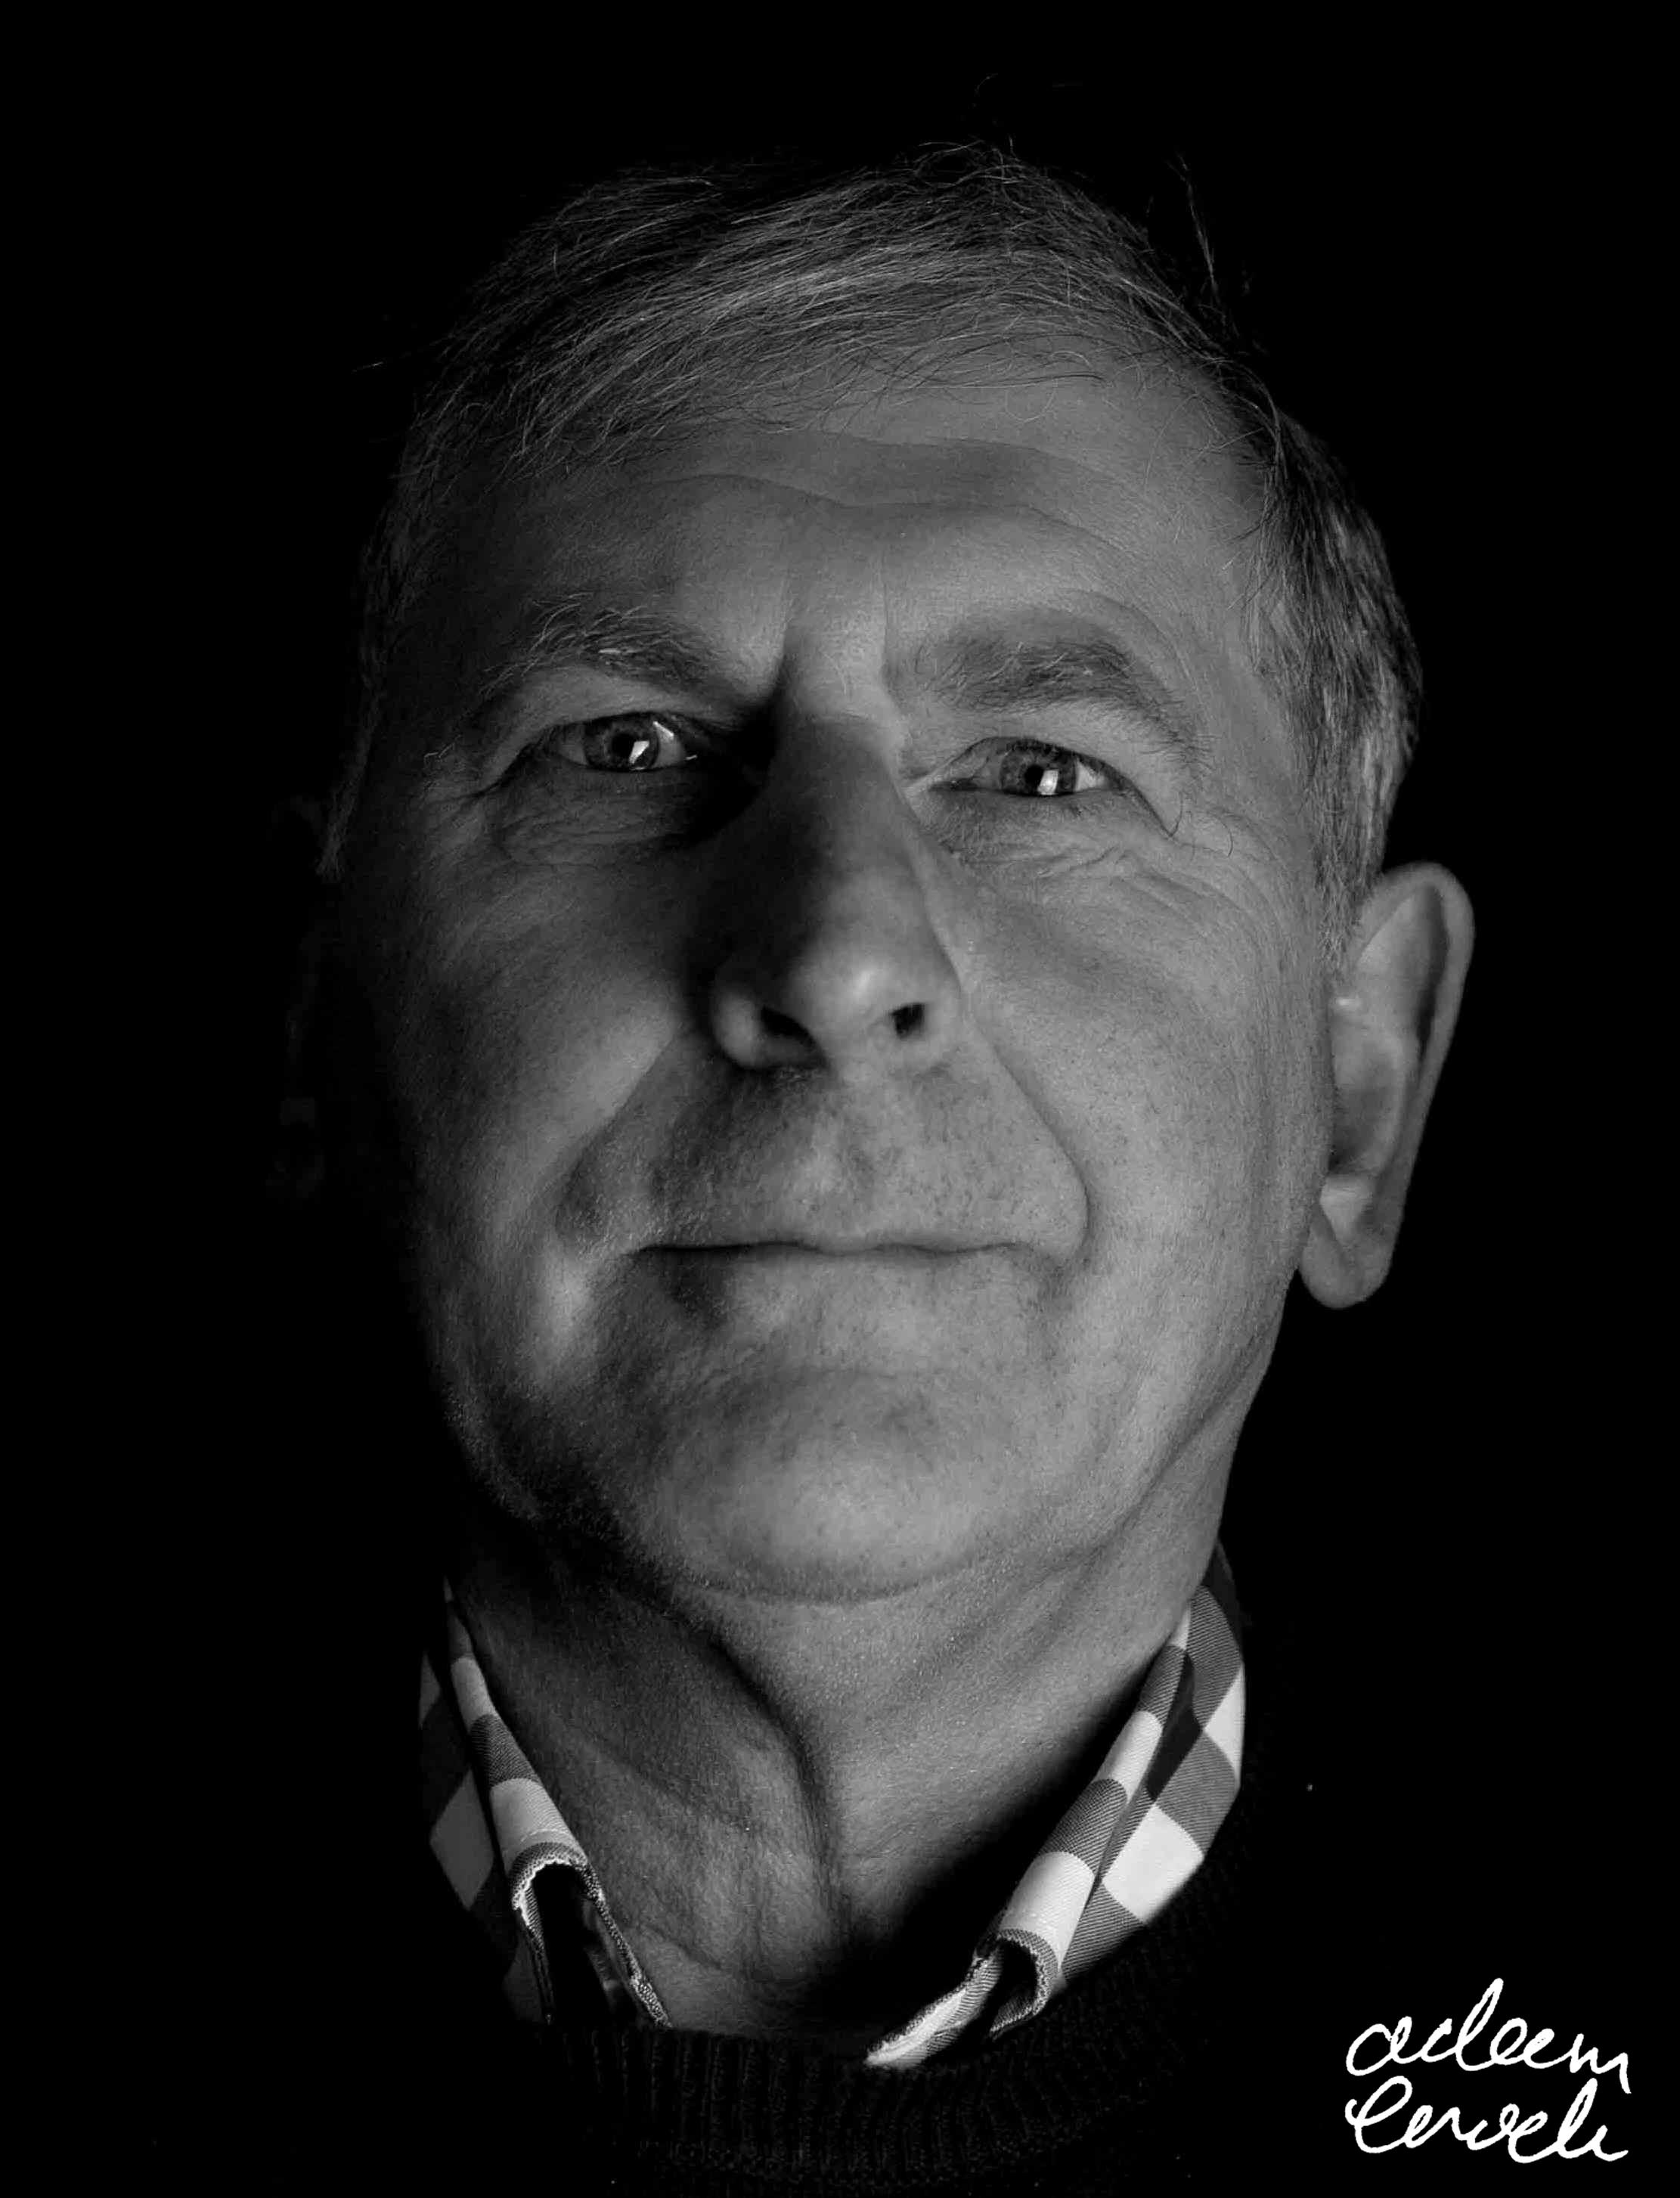 Graham Enock - 10th May 2015